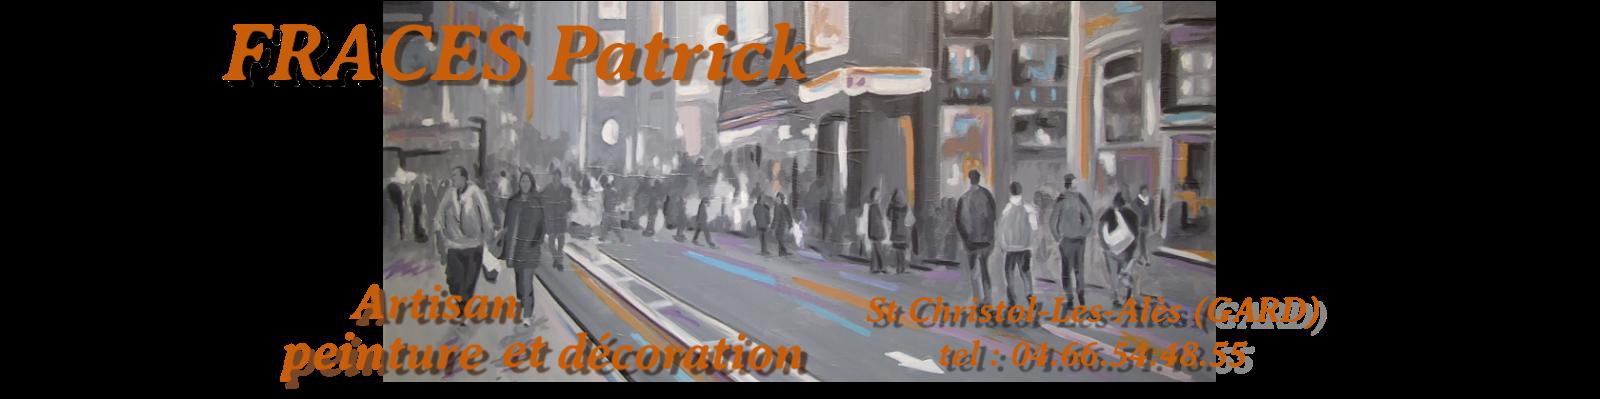 FRACES Patrick artisan peinture et décoration St Christol-les-alès (GARD)